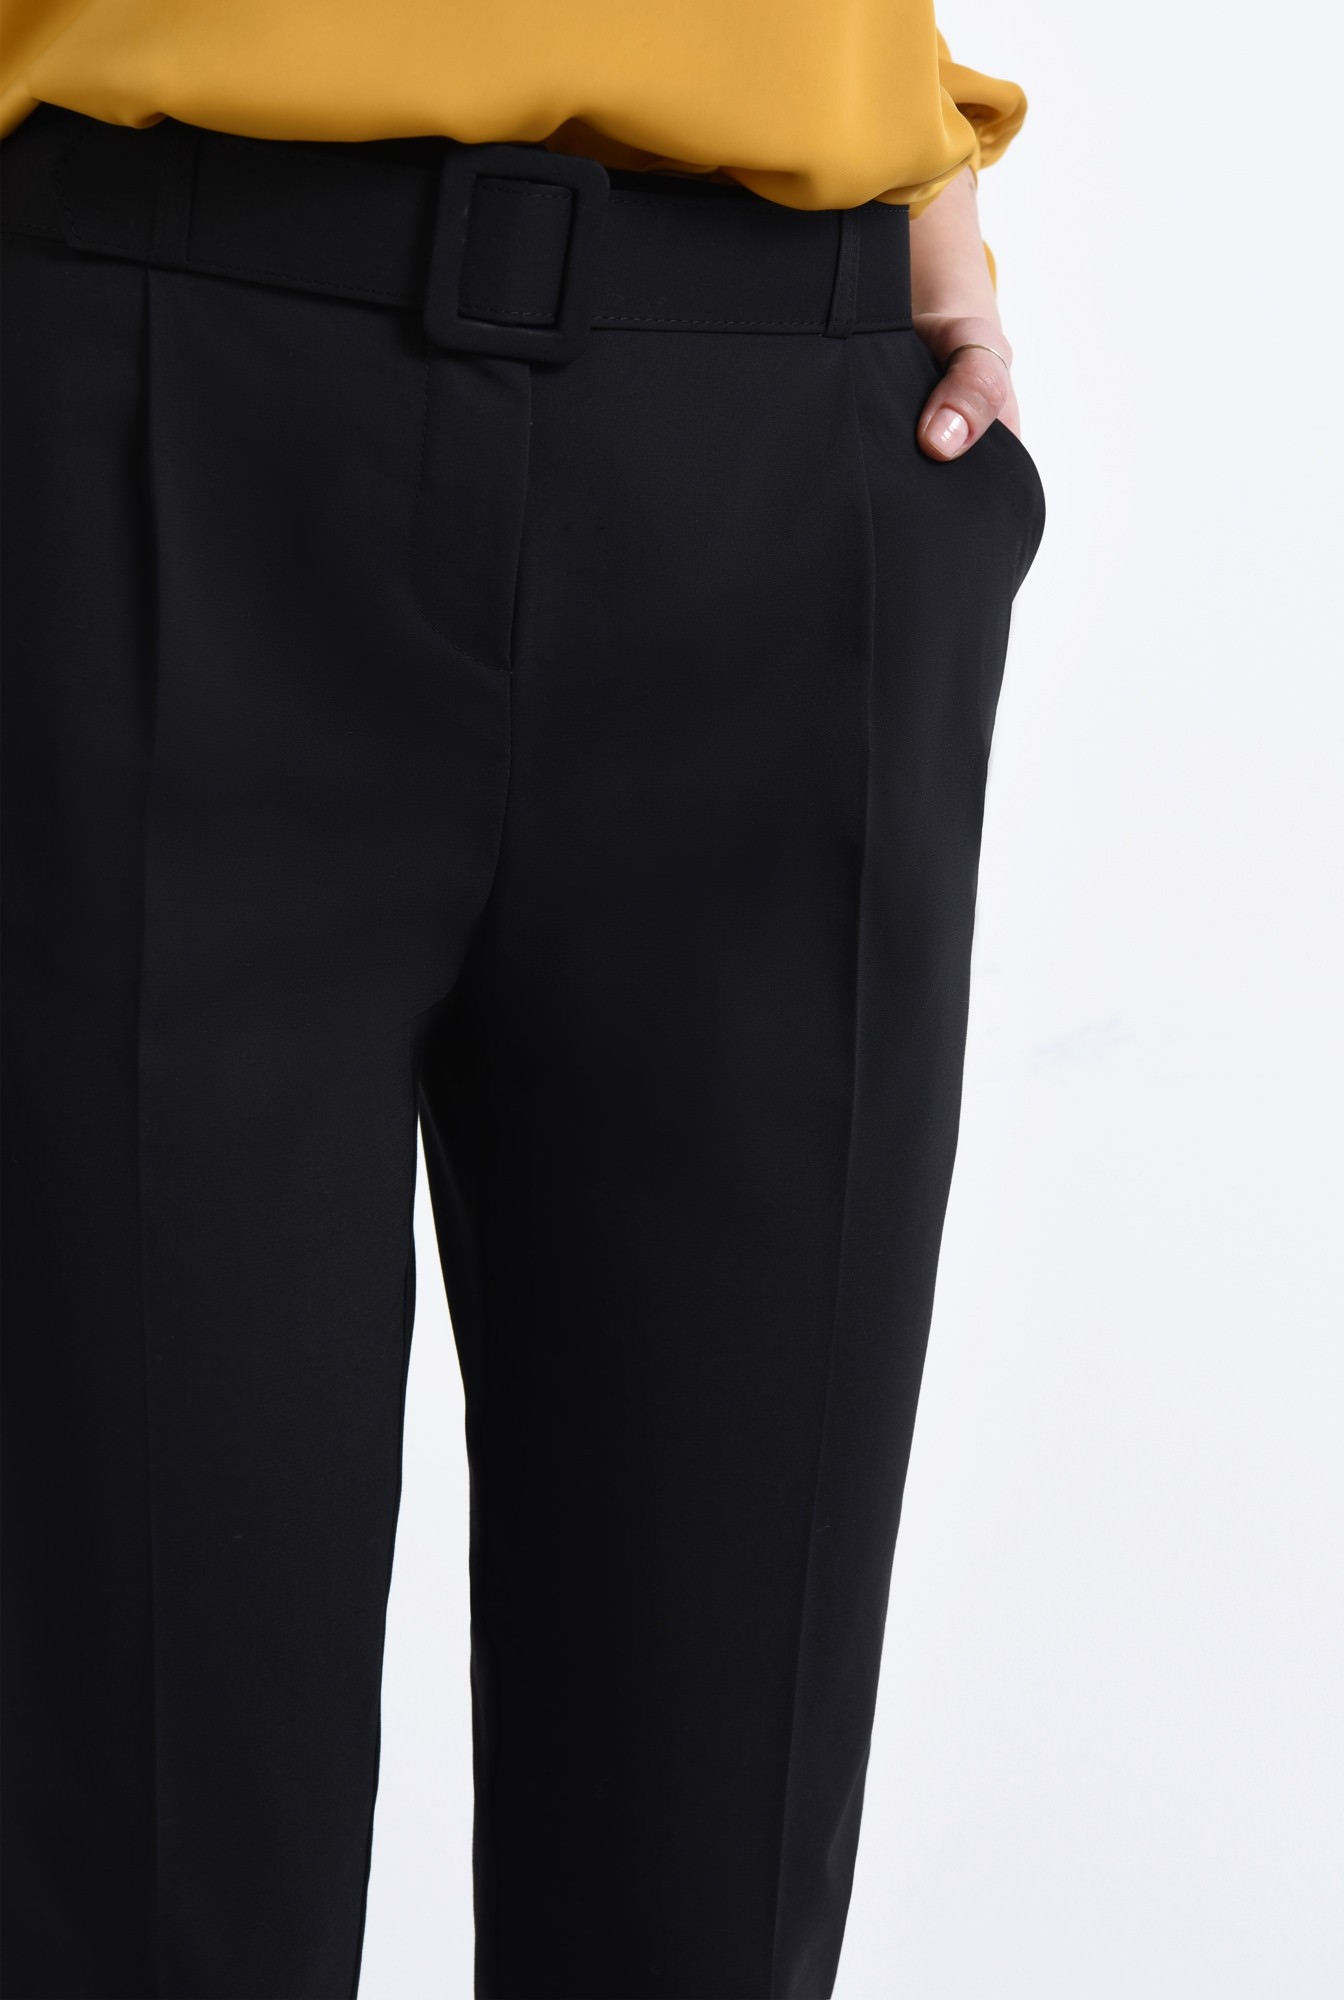 2 - Pantaloni casual, negru